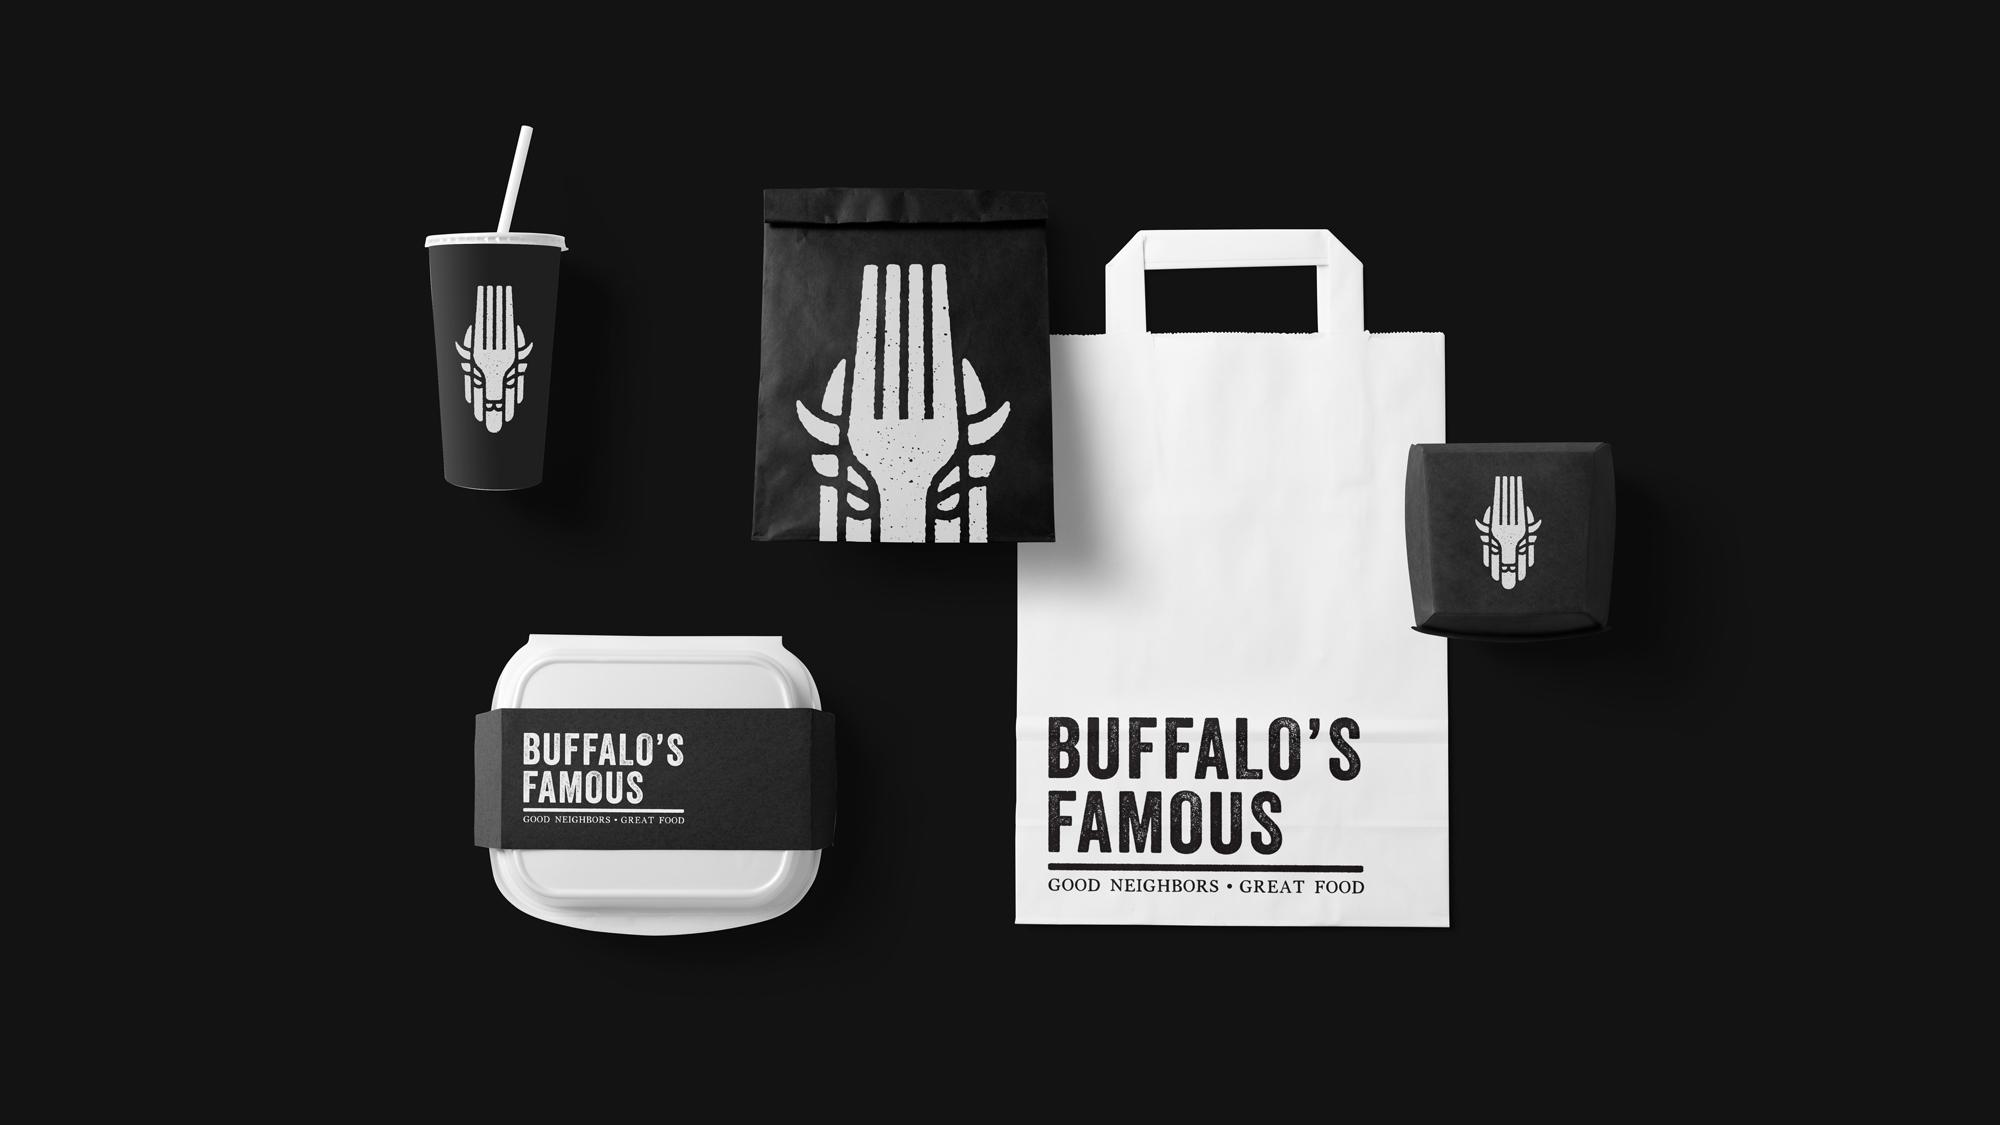 Buffalo's Famous